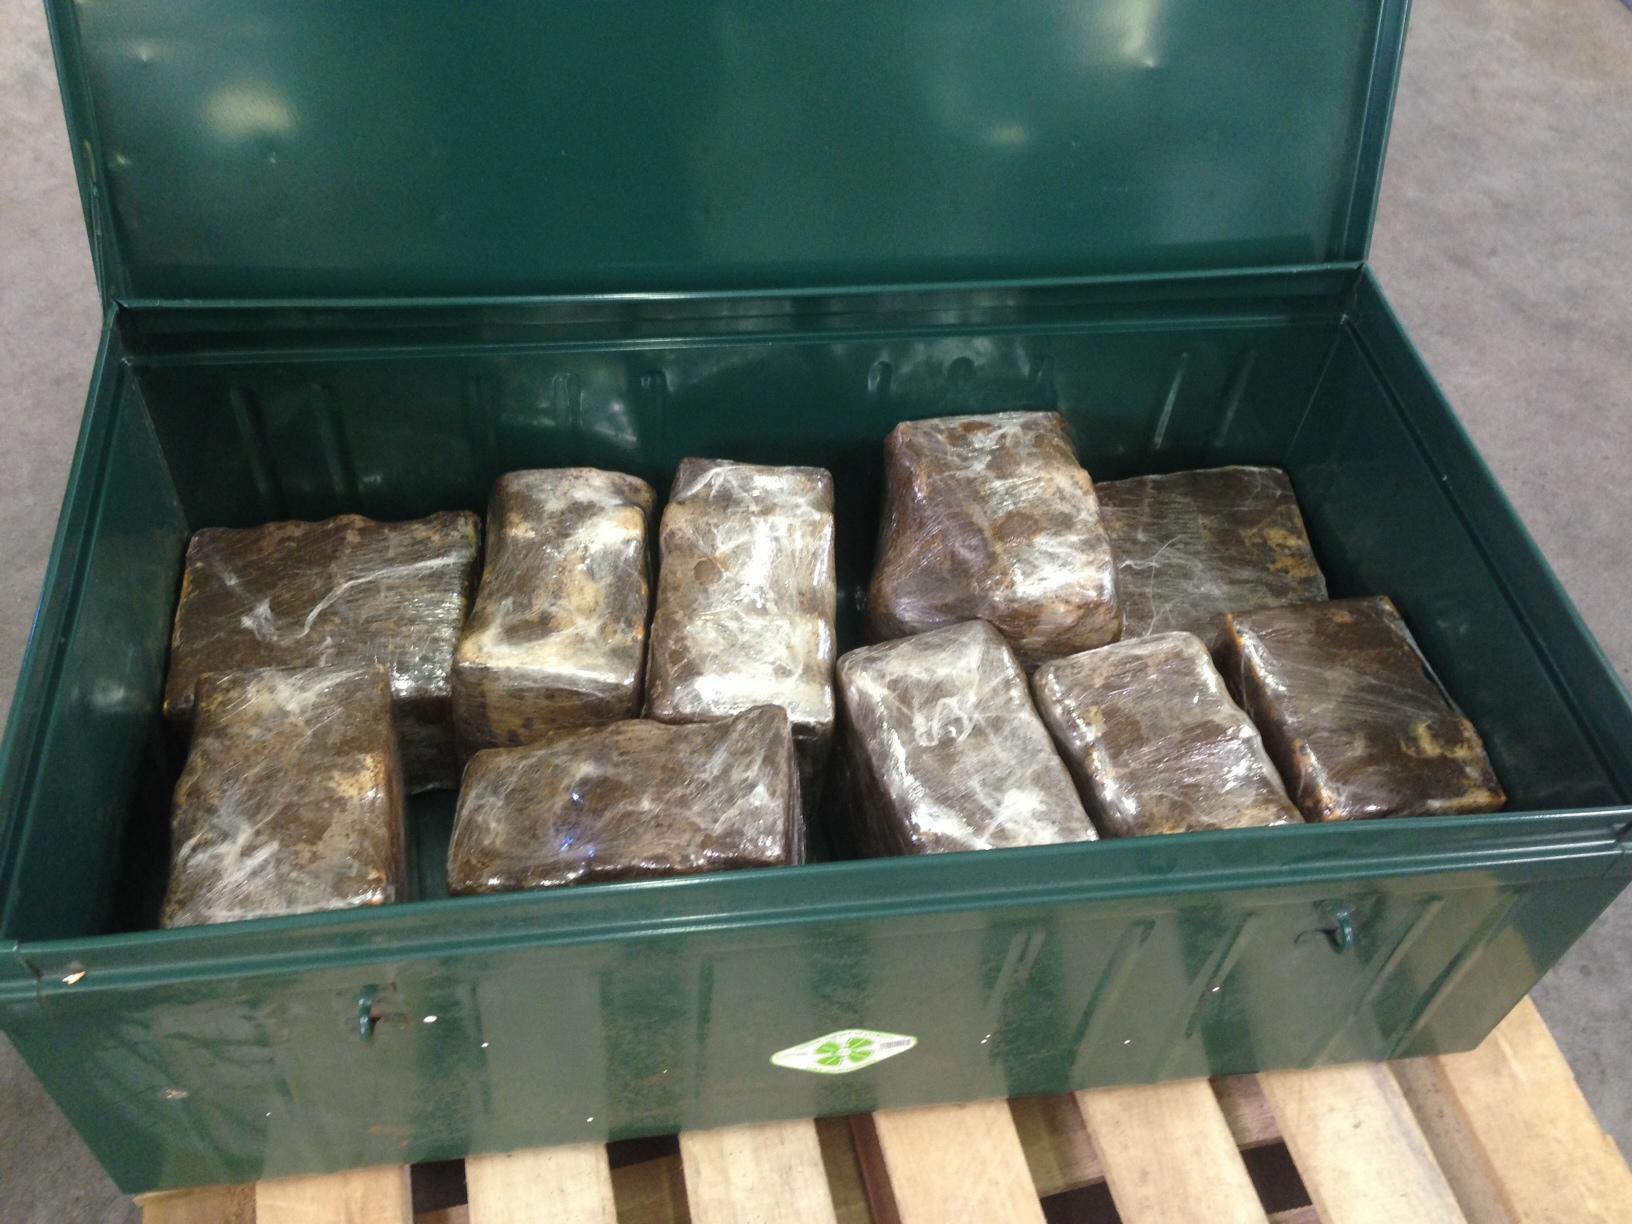 Les pains de cocaïne étaient dissimulés dans des malles métalliques elles-mêmes cachées dans une voiture (Photo Douane française)